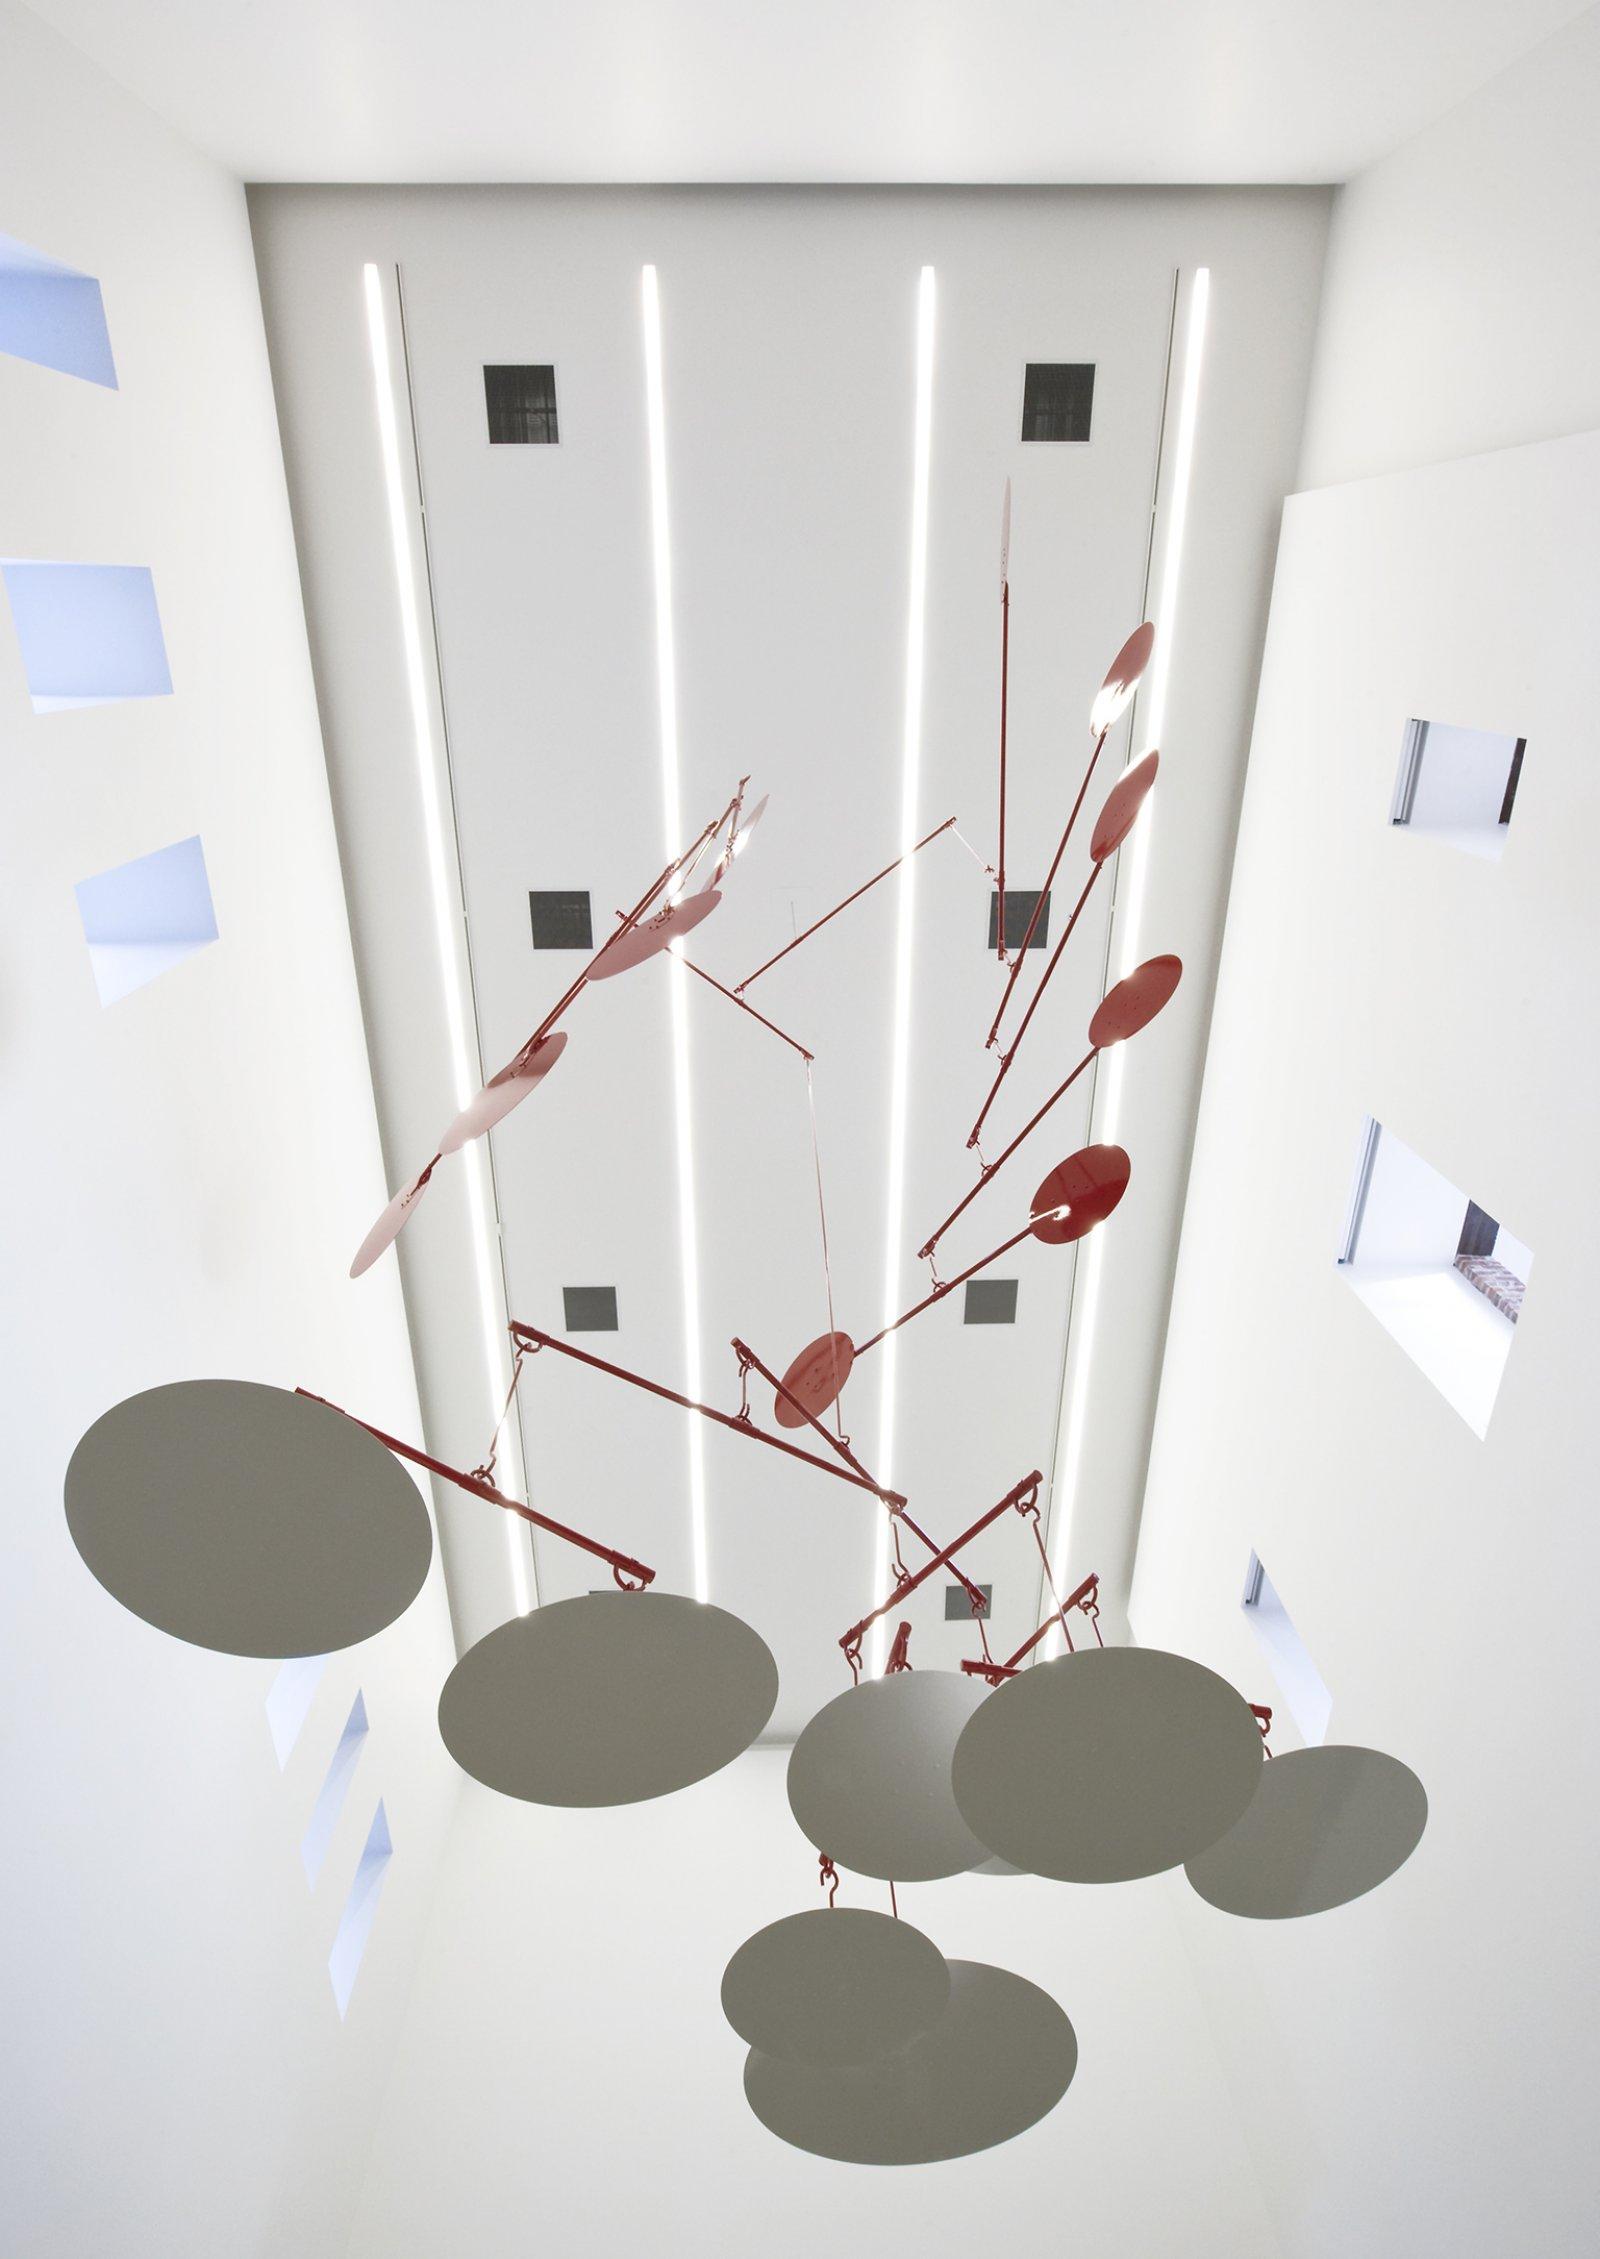 Damian Moppett, Broken Fall, 2011, aluminum and steel, 306 x 180 x 180 in. (780 x 460 x 460 cm) by Damian Moppett